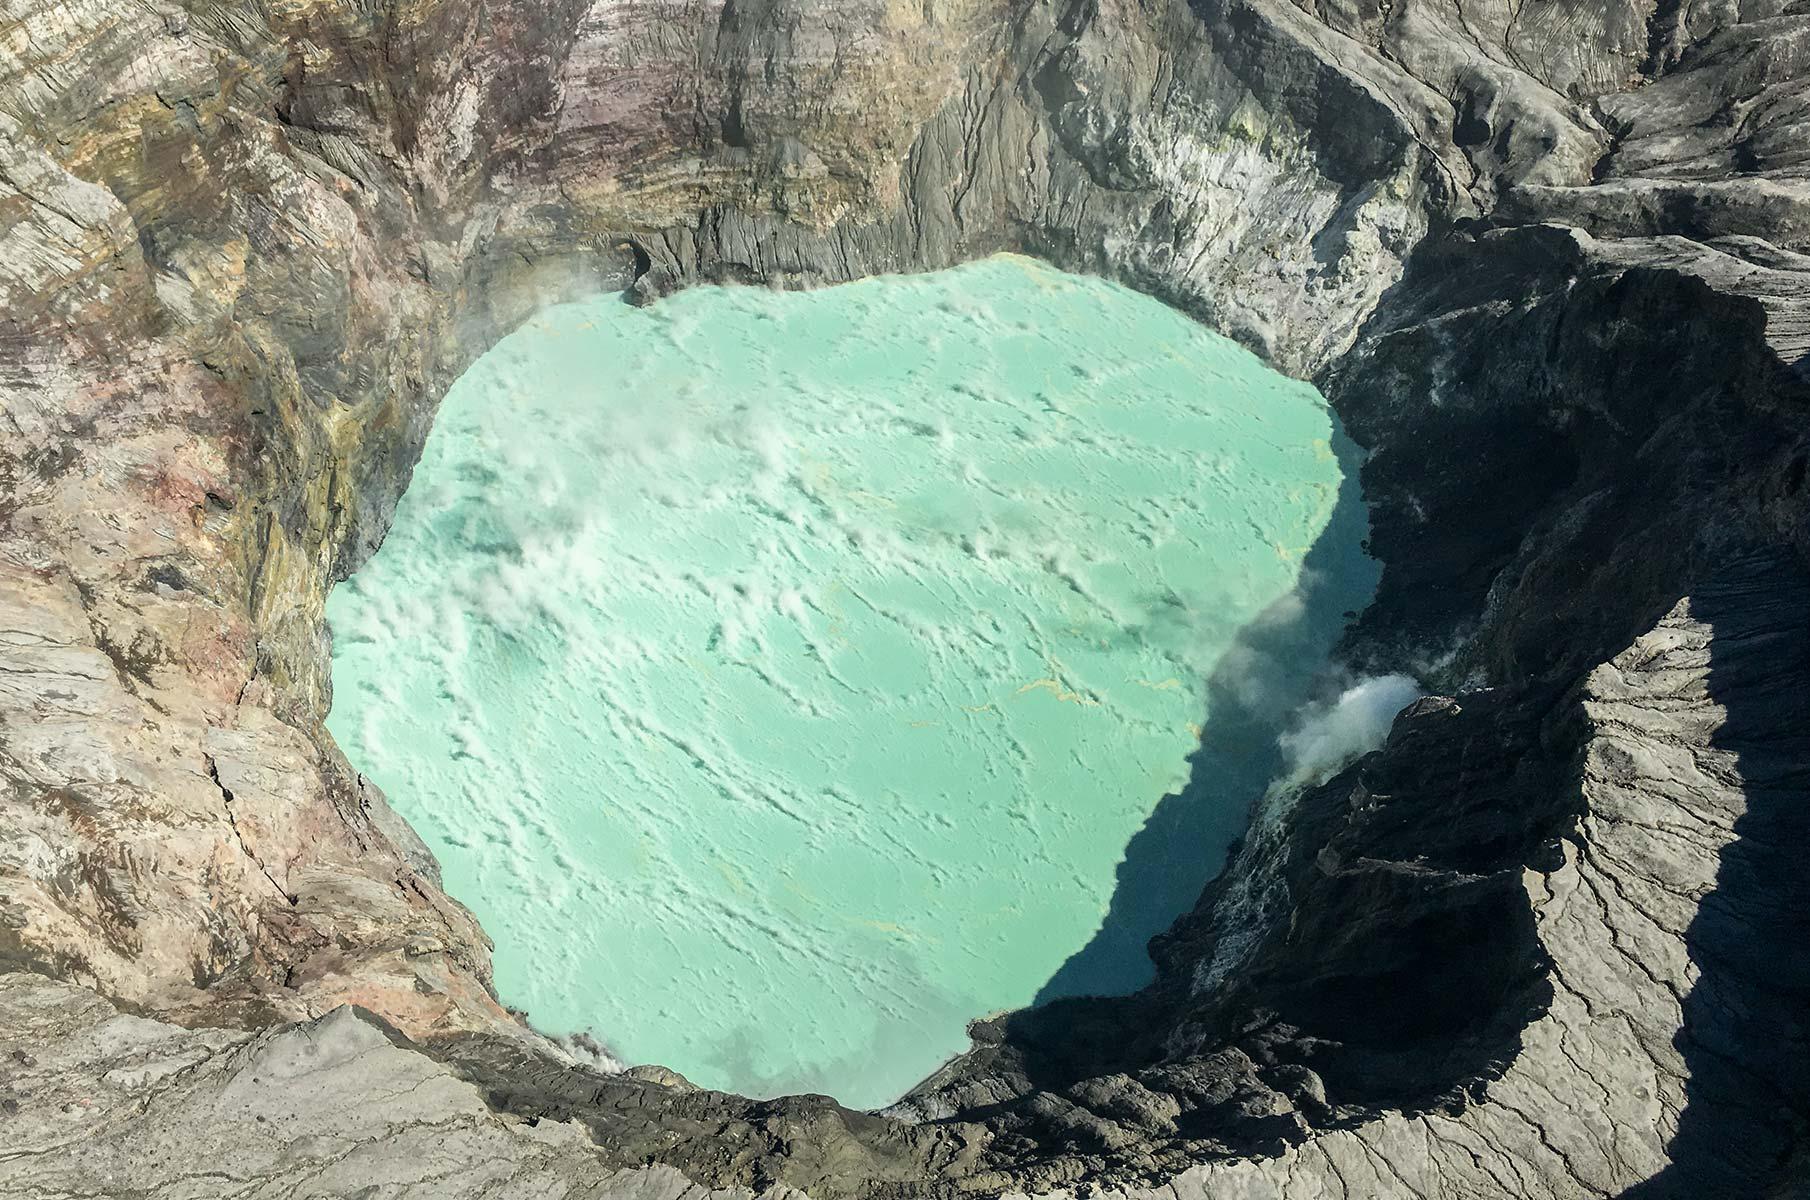 Blick in den Krater des Mt. Aso aus einem Hubschrauber, Japan